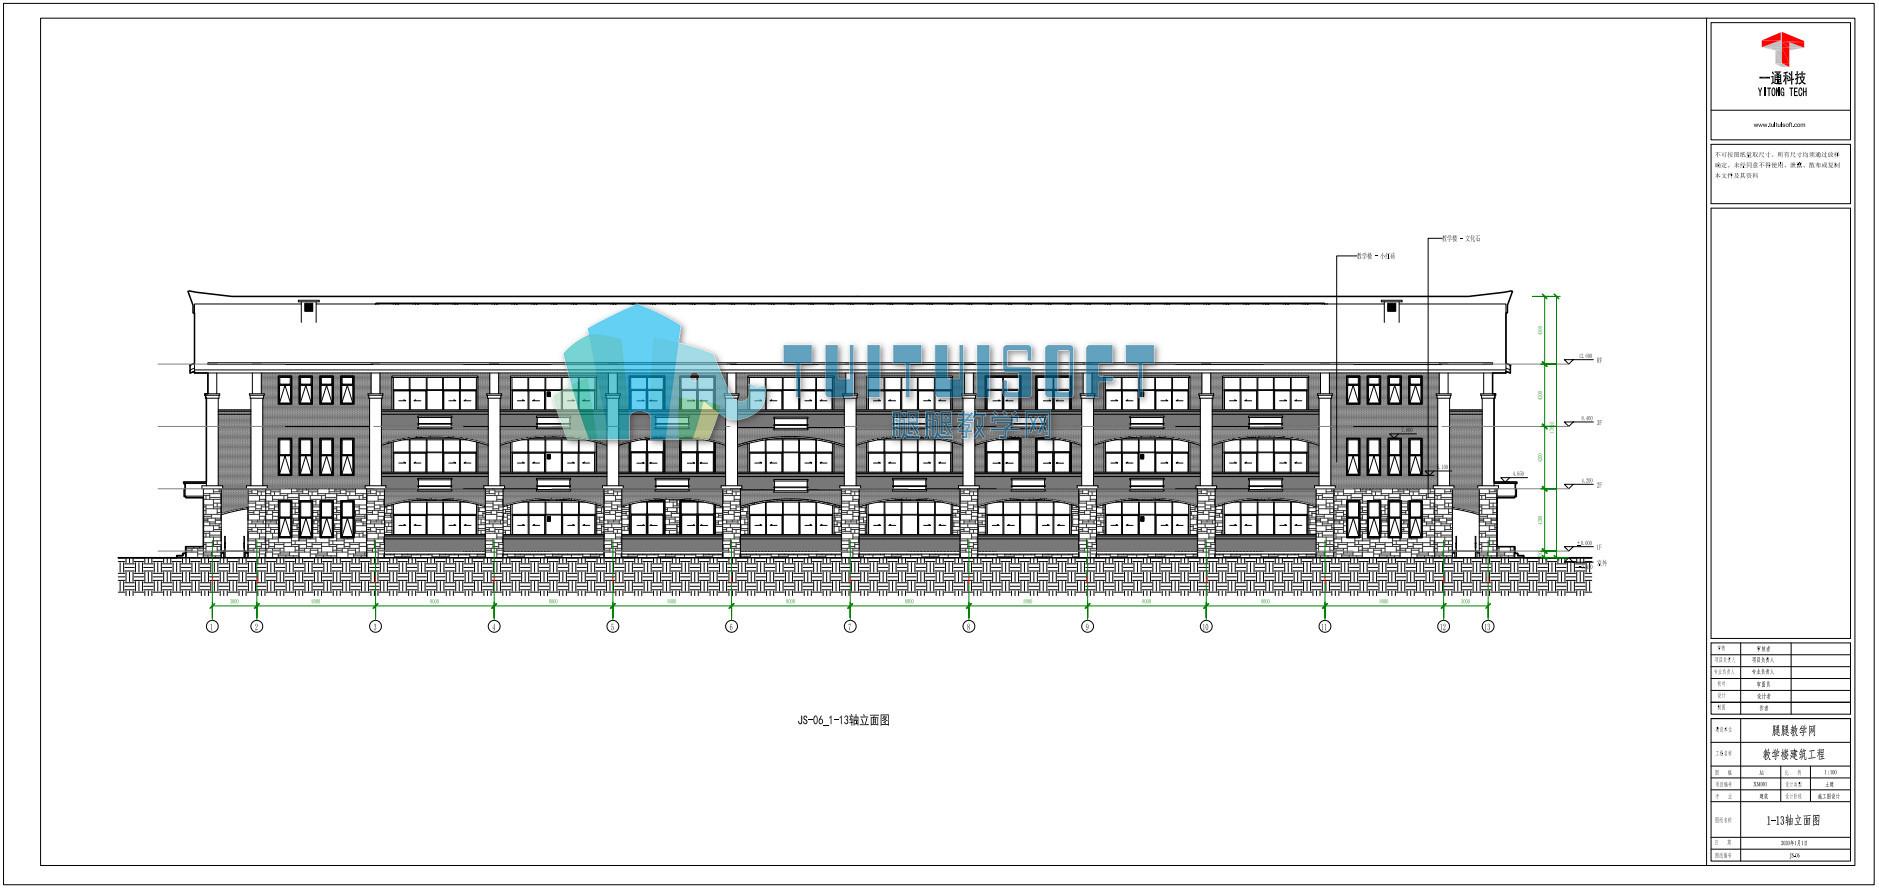 教学楼立面图.jpg